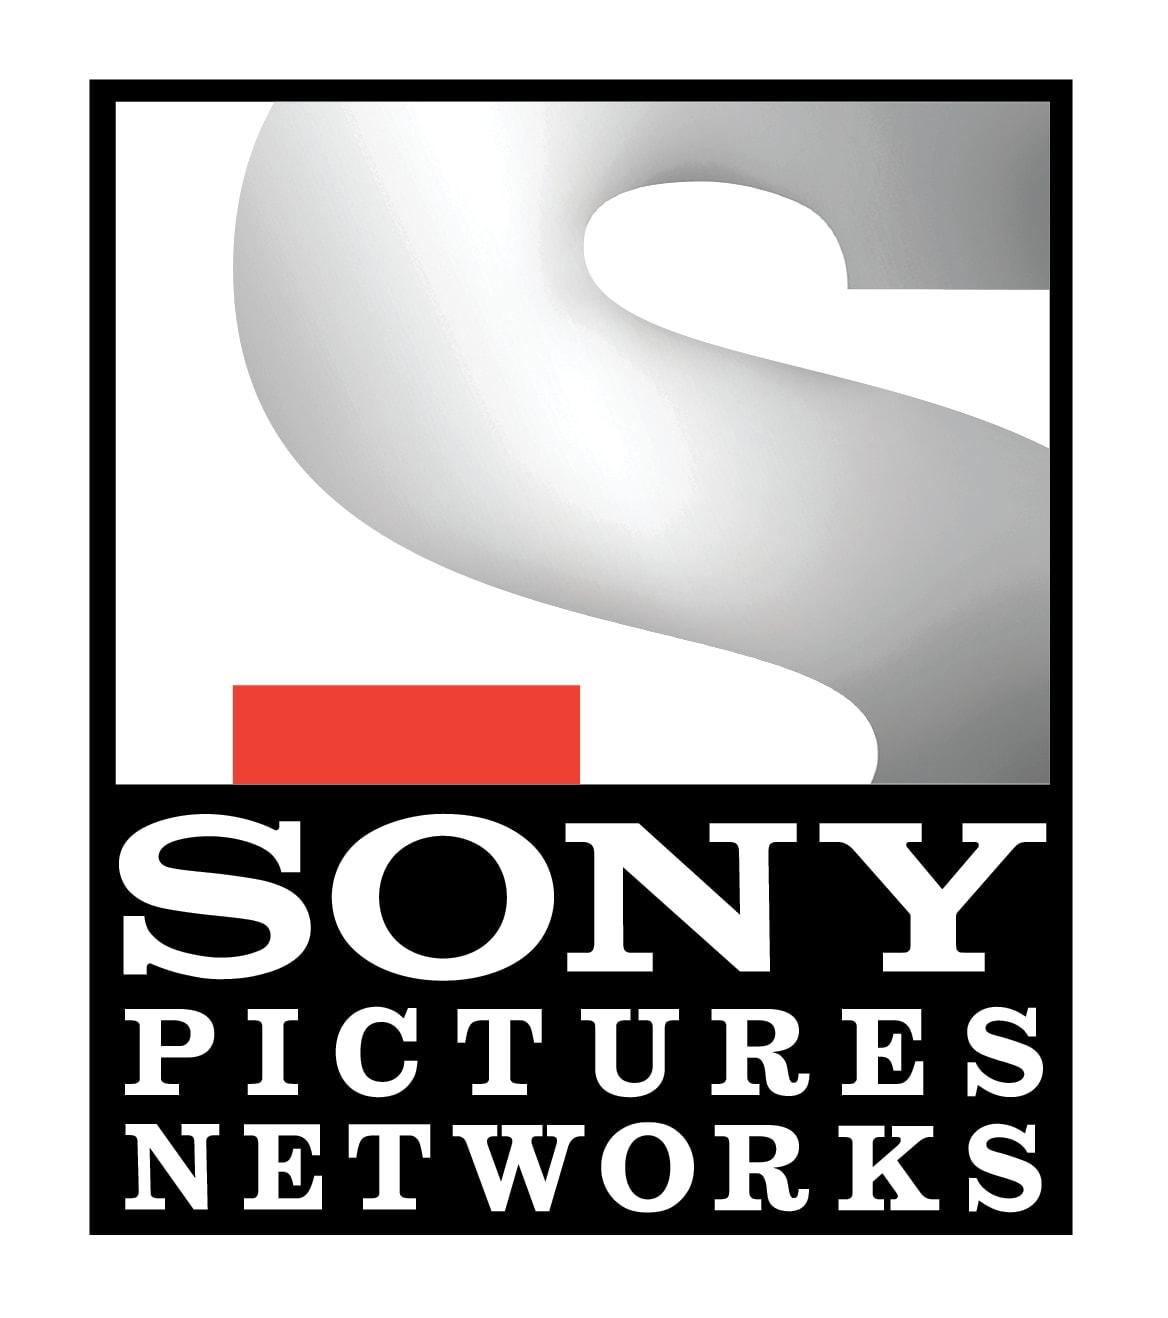 spn logo light background 01